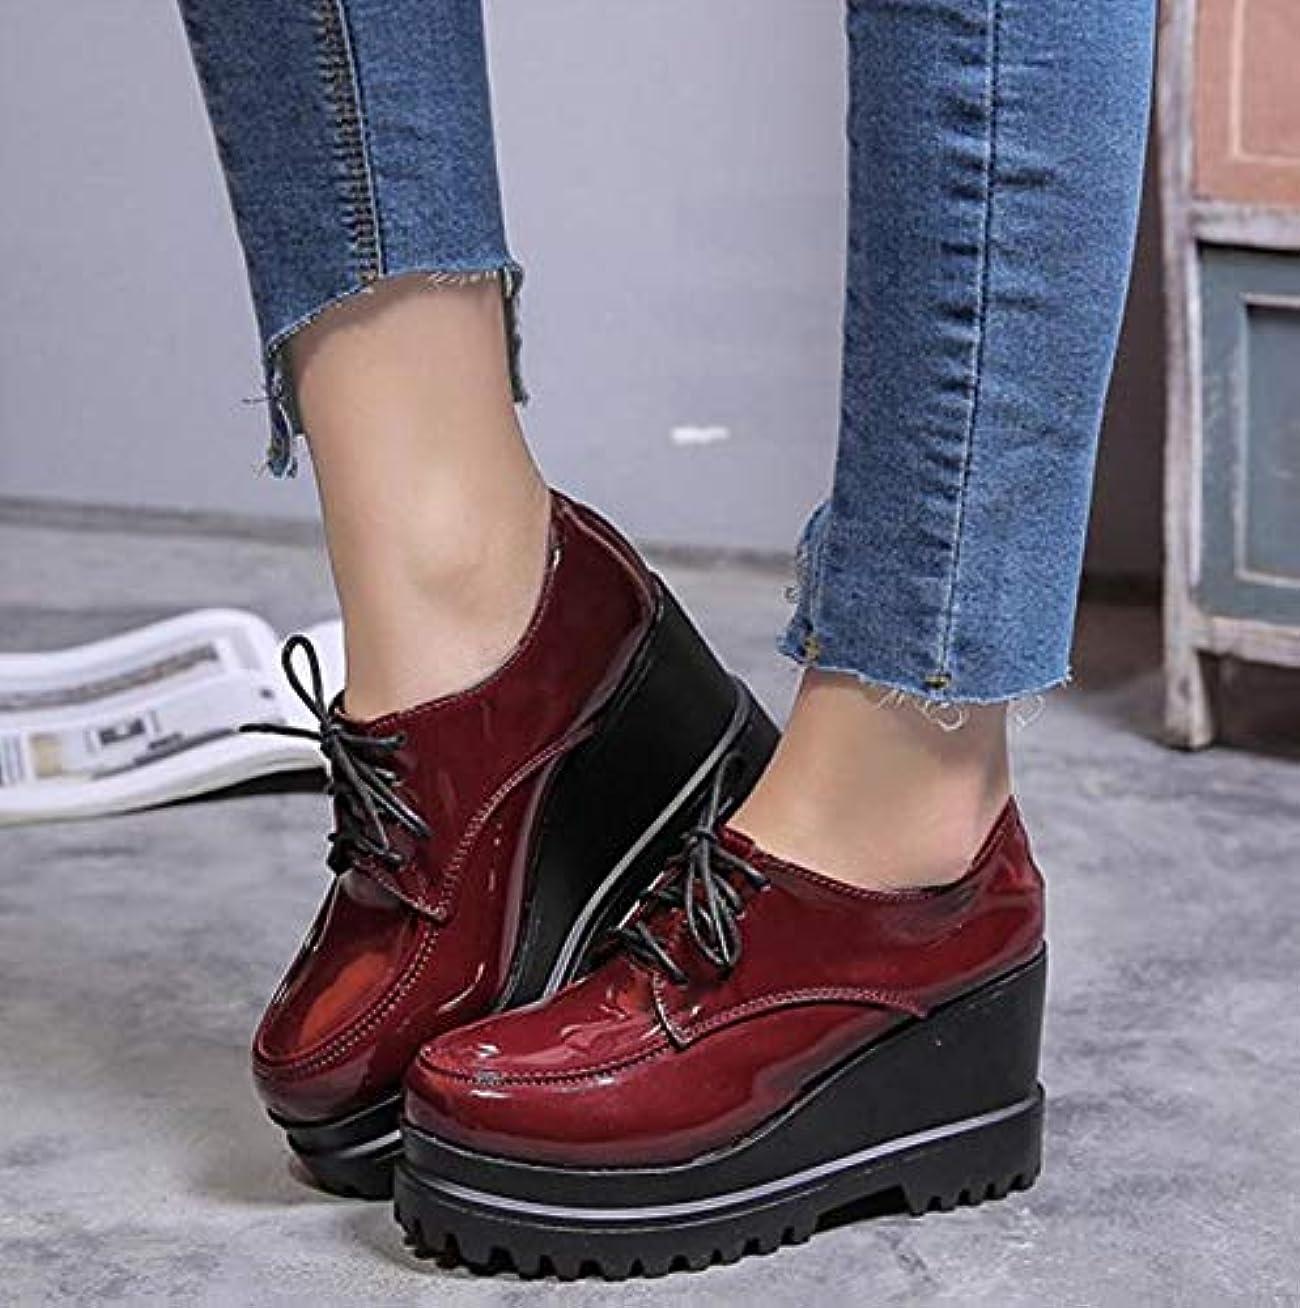 ピンチインチささいなデザートシューズ 2018春夏 レディース プラットフォーム 厚底靴 アーモンドトゥ靴 エナメル靴 カレッジ風